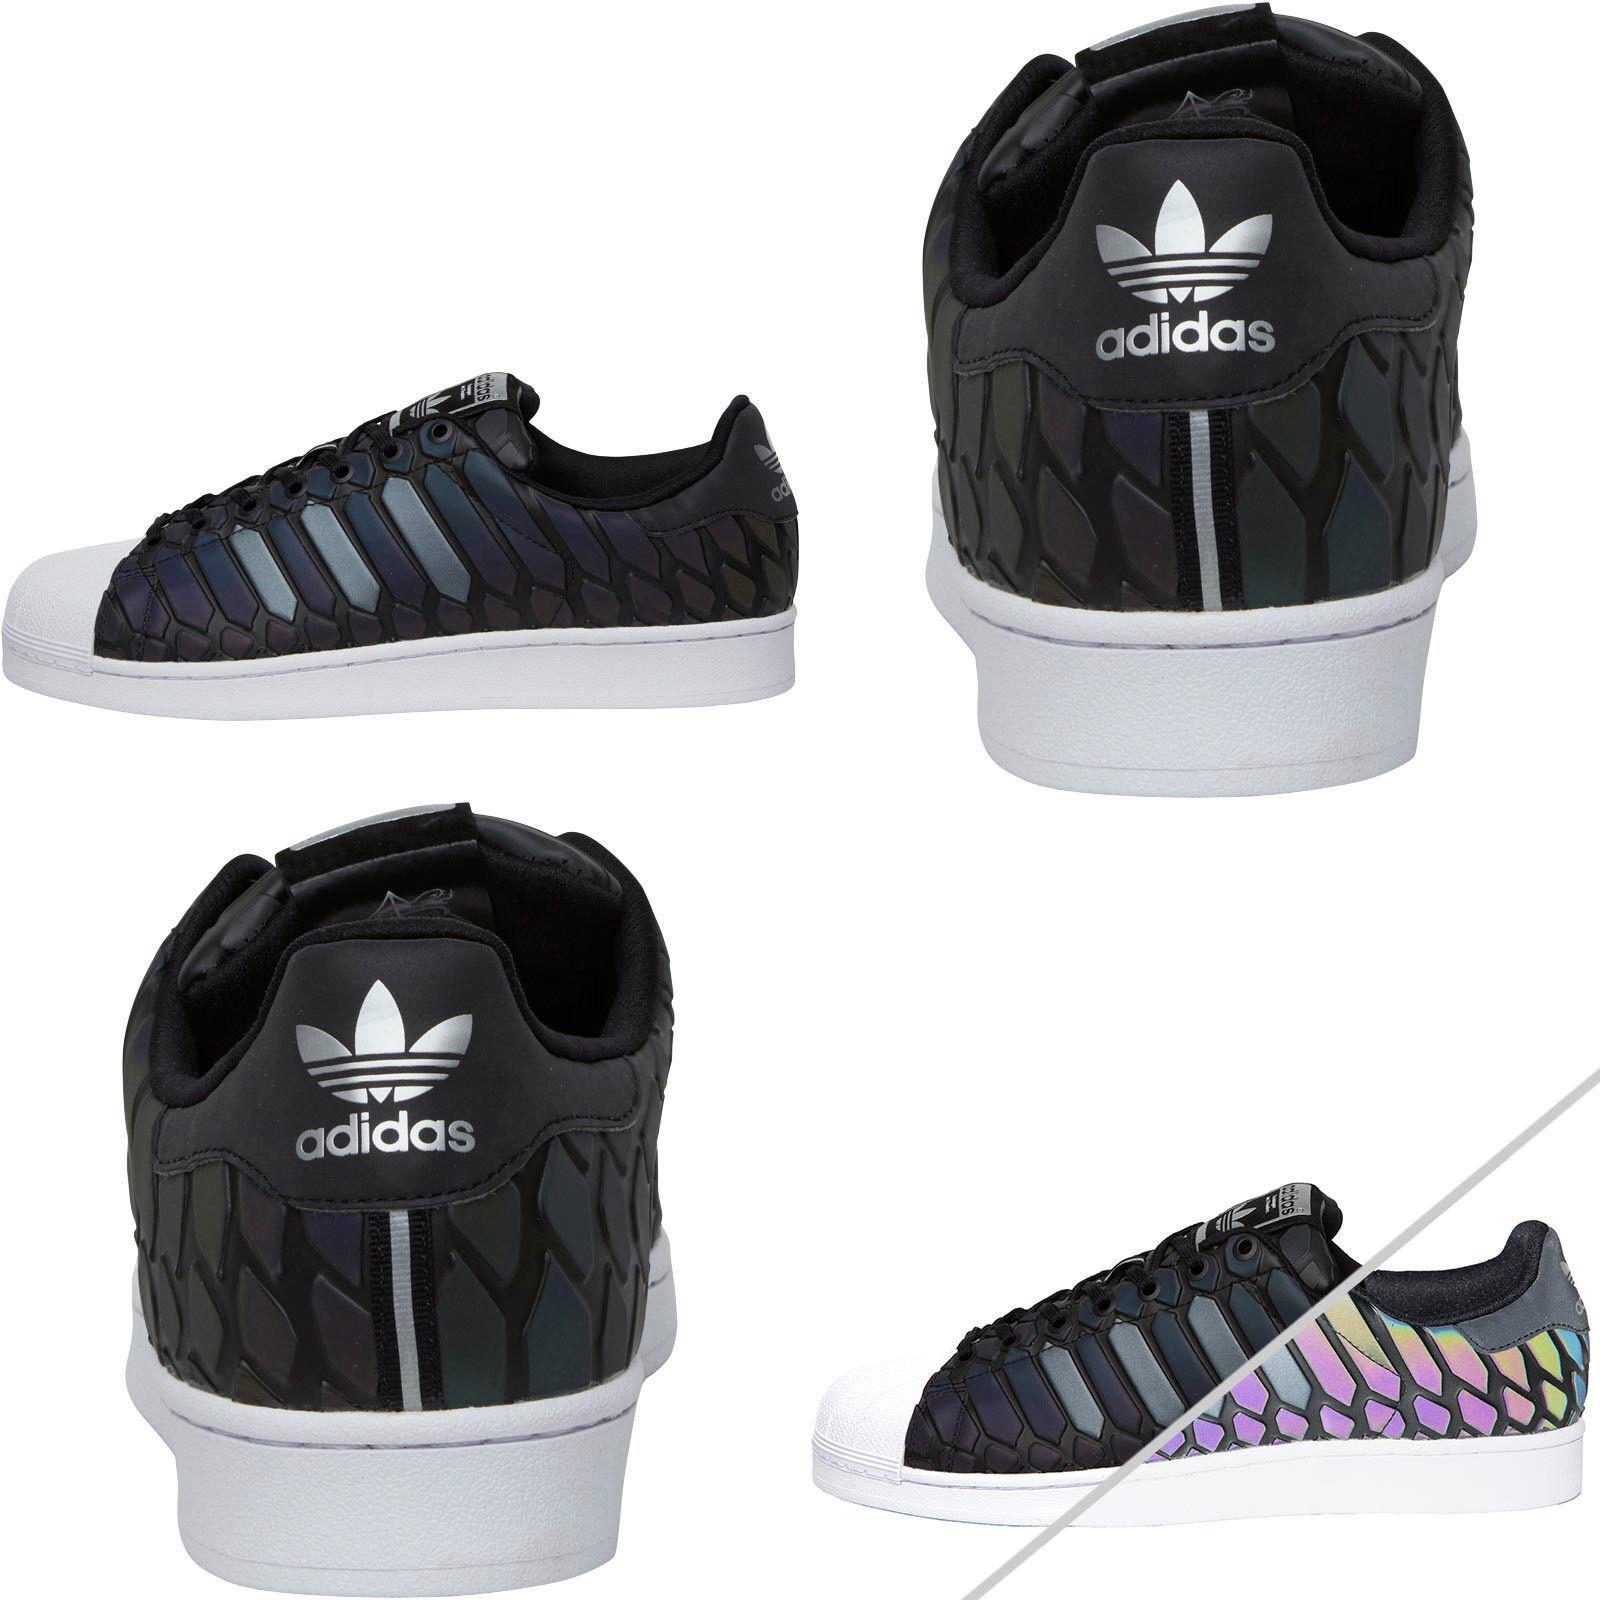 Adidas Originals Para Hombre Superstar Zapatillas Nuevo Tamaño 5 -18 AdiColor Clásico Negro